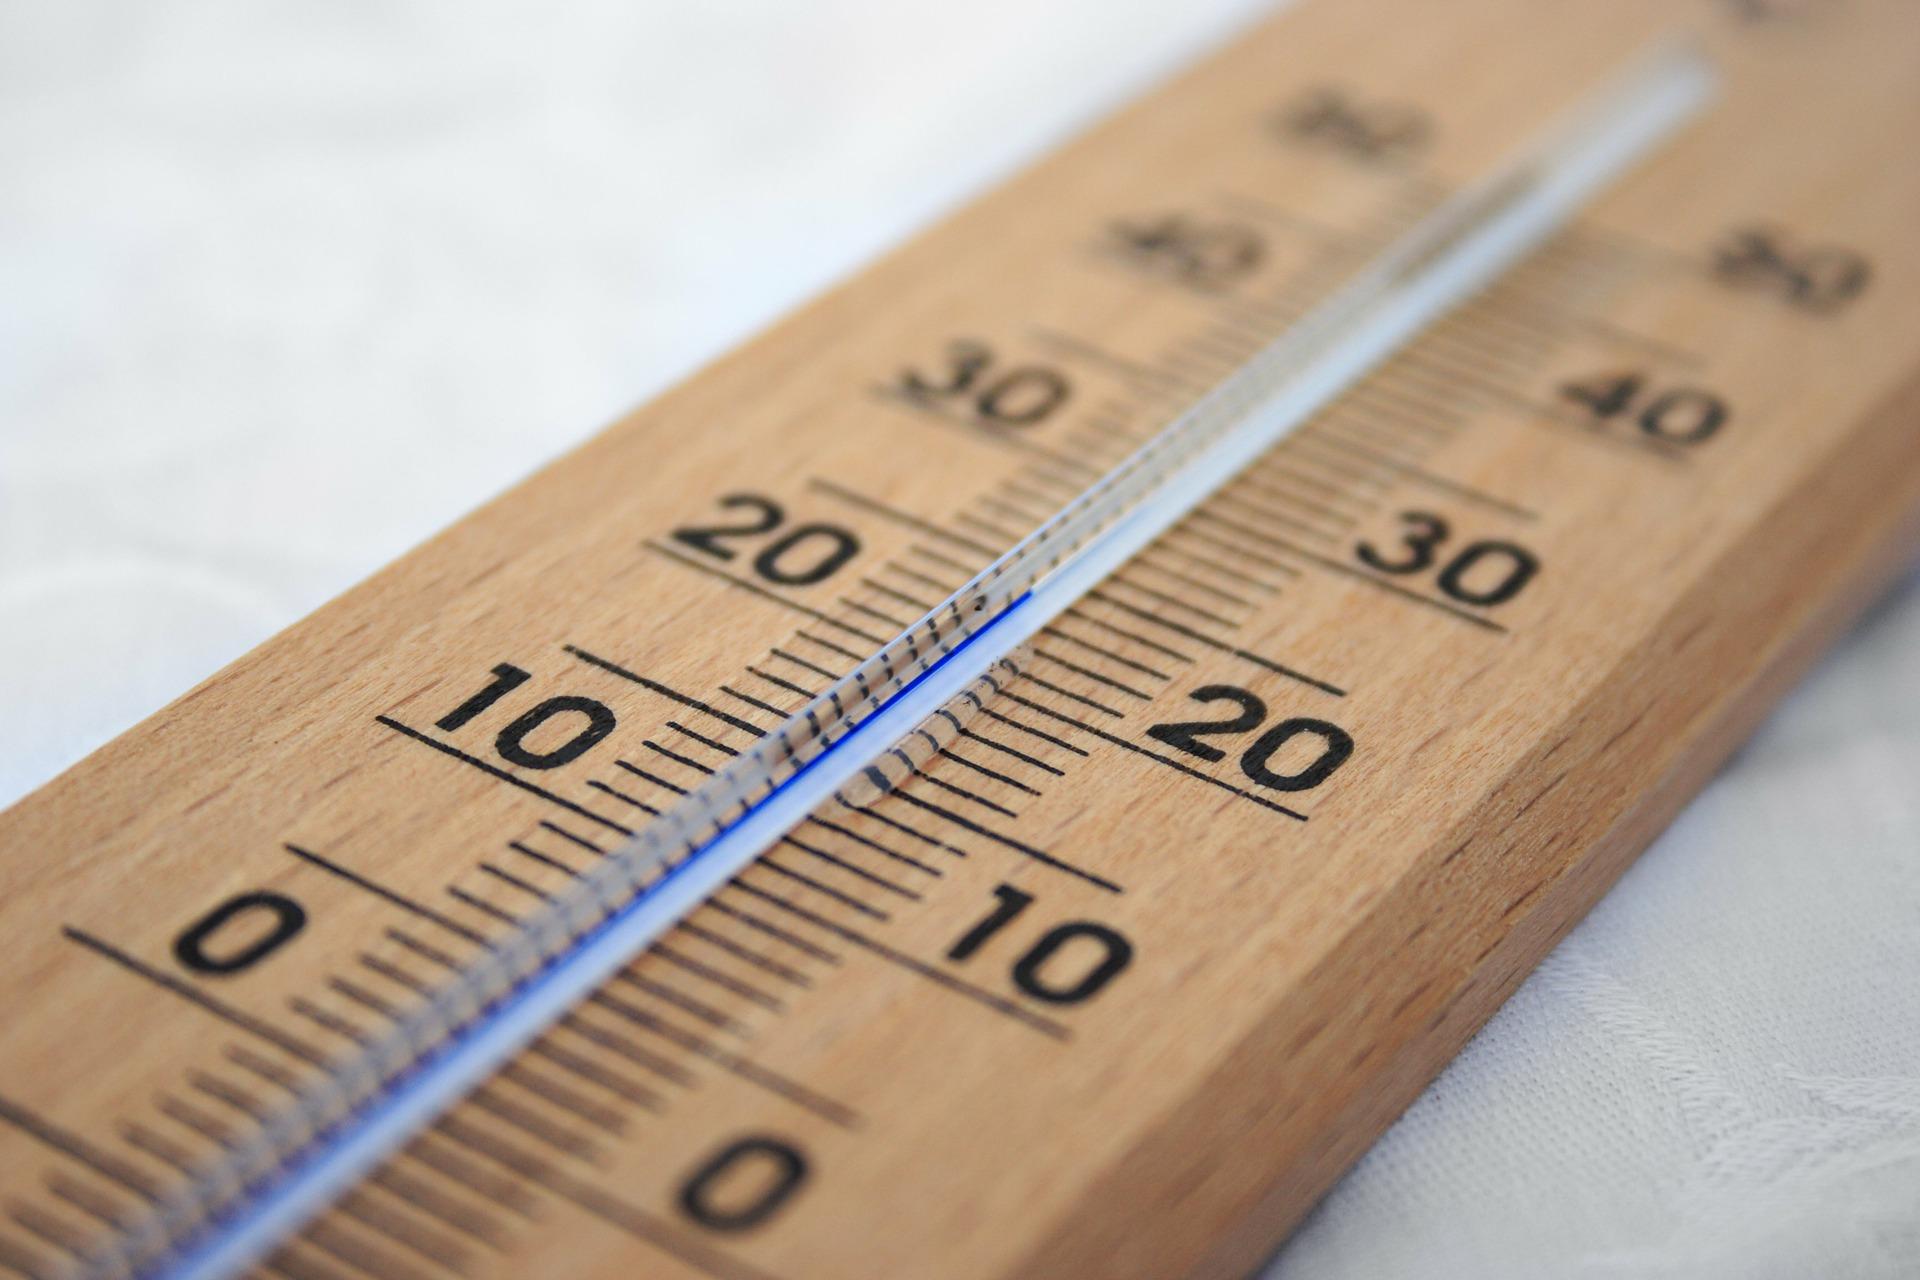 estres-termico Estrés térmico por frío: efectos sobre el organismo